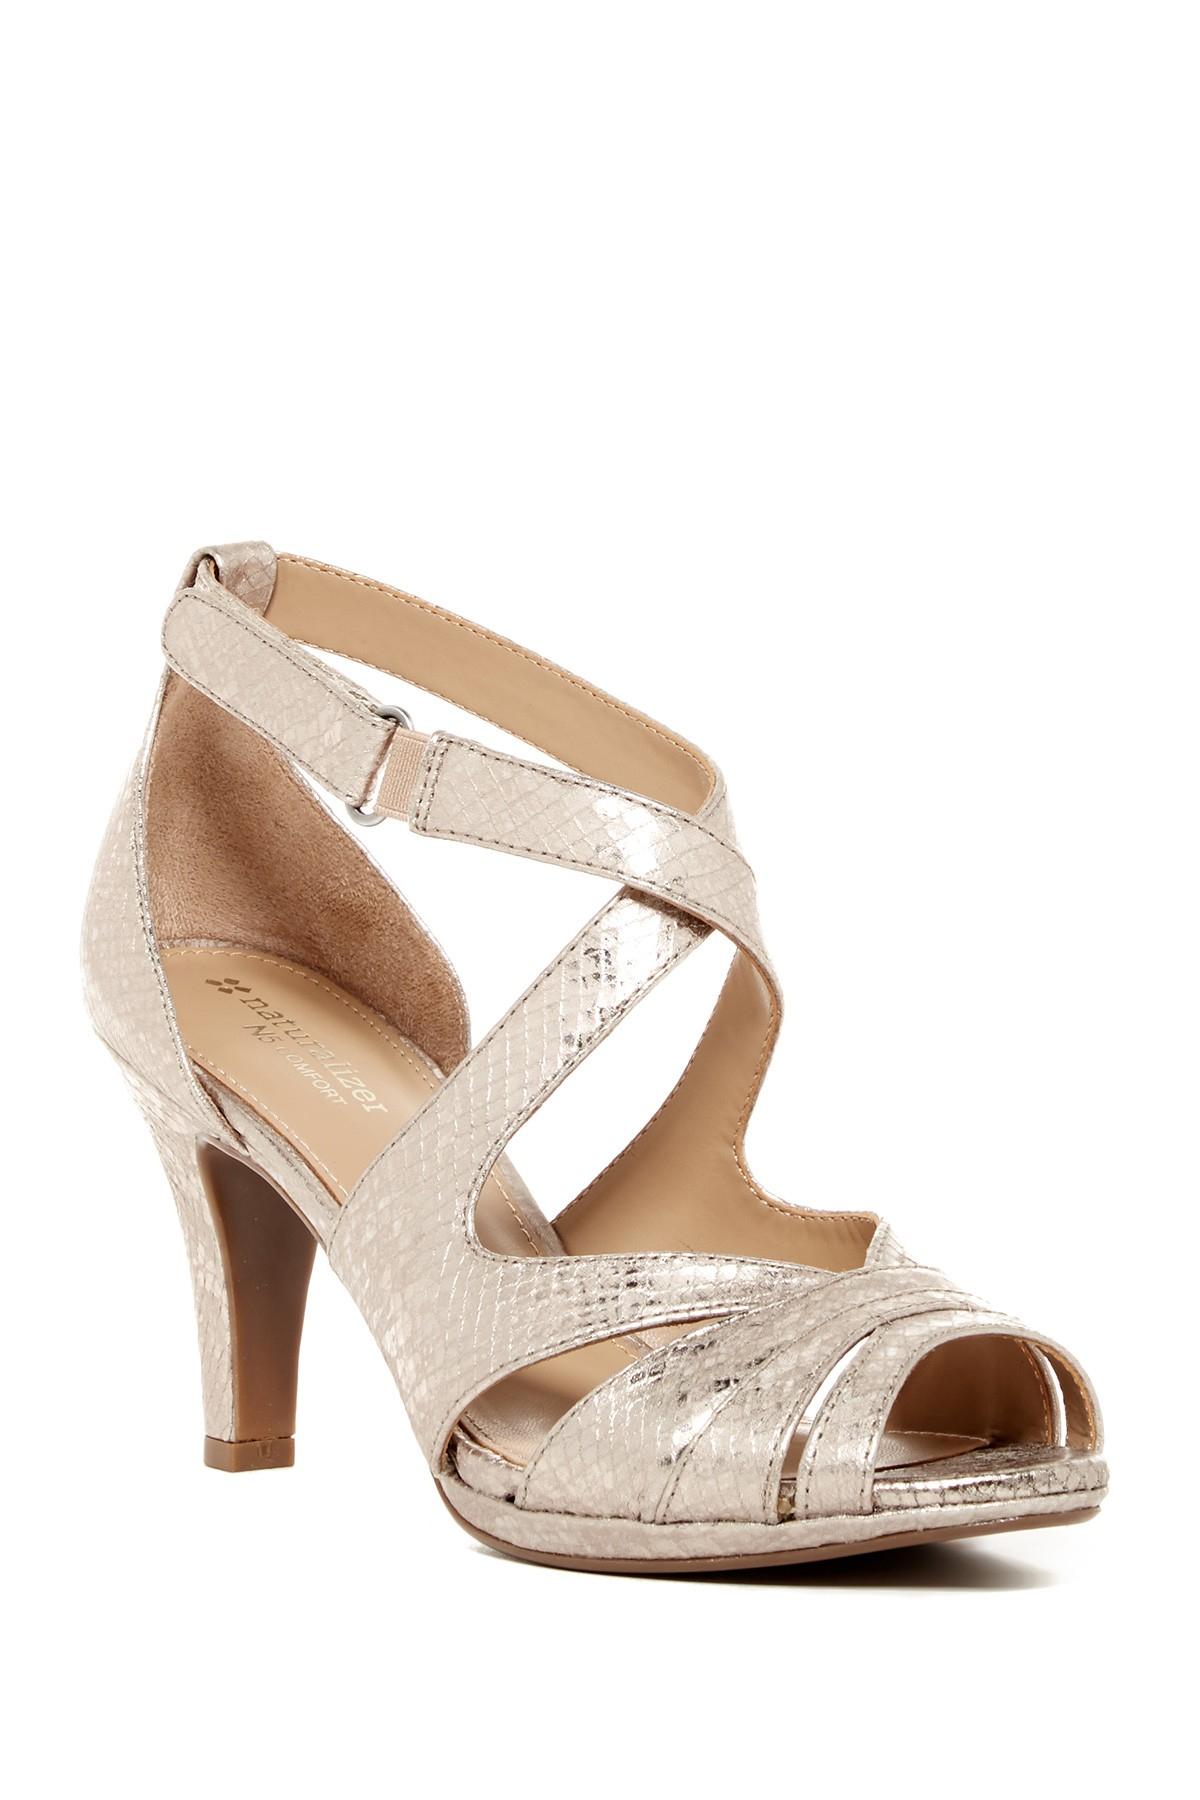 Trotters Women S Lark Pumps Shoes